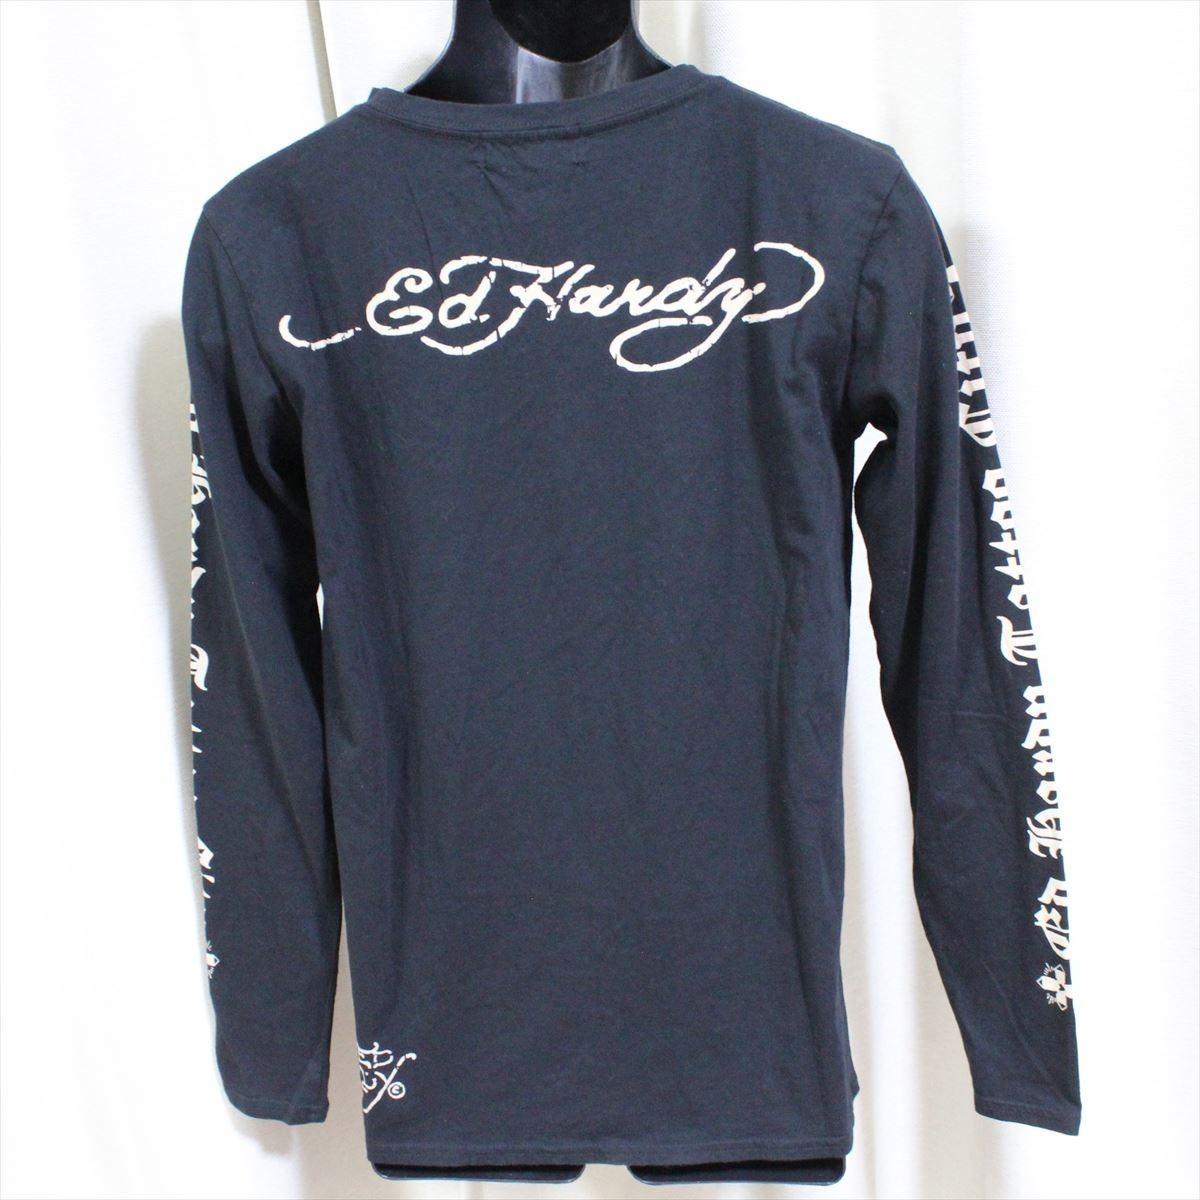 Ed Hardy(エドハーディー) メンズ長袖Tシャツ M03GTC302 ブラック 新品 黒色 Mサイズ_画像3